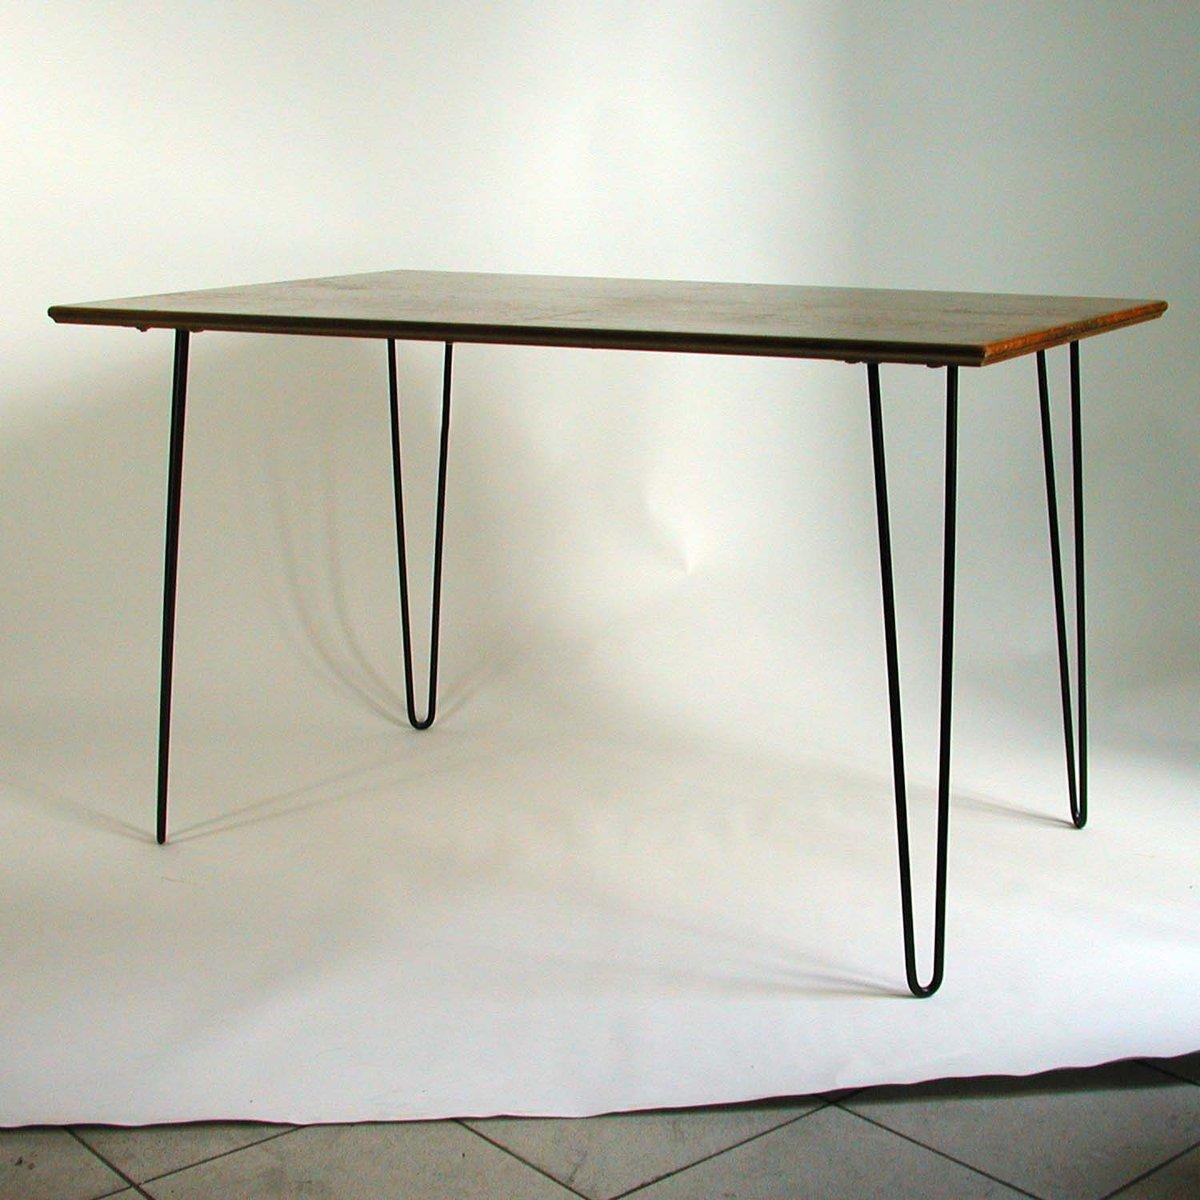 industrie schreibtisch aus nussbaum haarnadel beine 1950er bei pamono kaufen. Black Bedroom Furniture Sets. Home Design Ideas